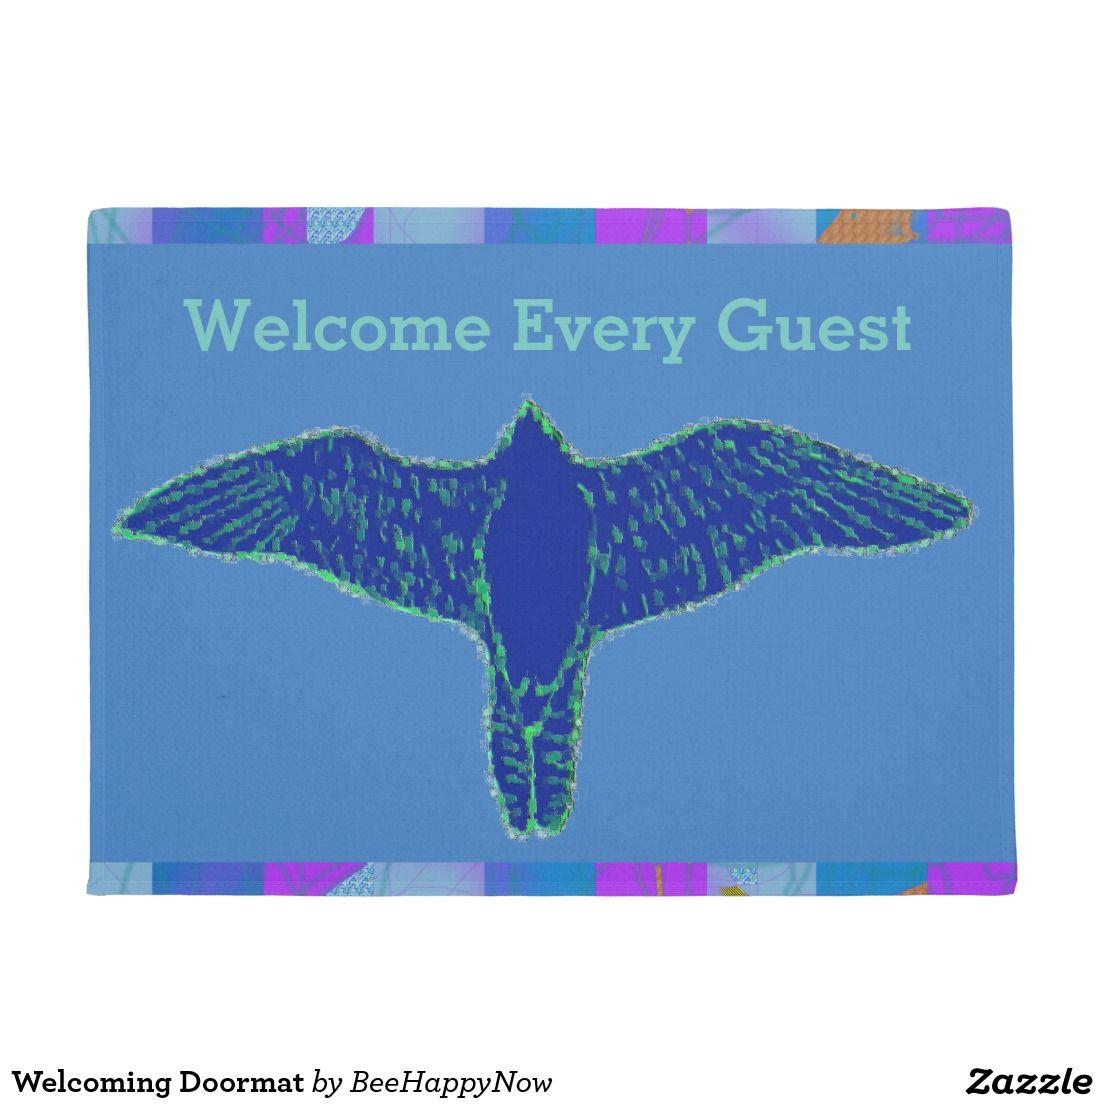 Doormat  sc 1 st  Pinterest & Welcoming Doormat | Doormats | Pinterest | Doormat